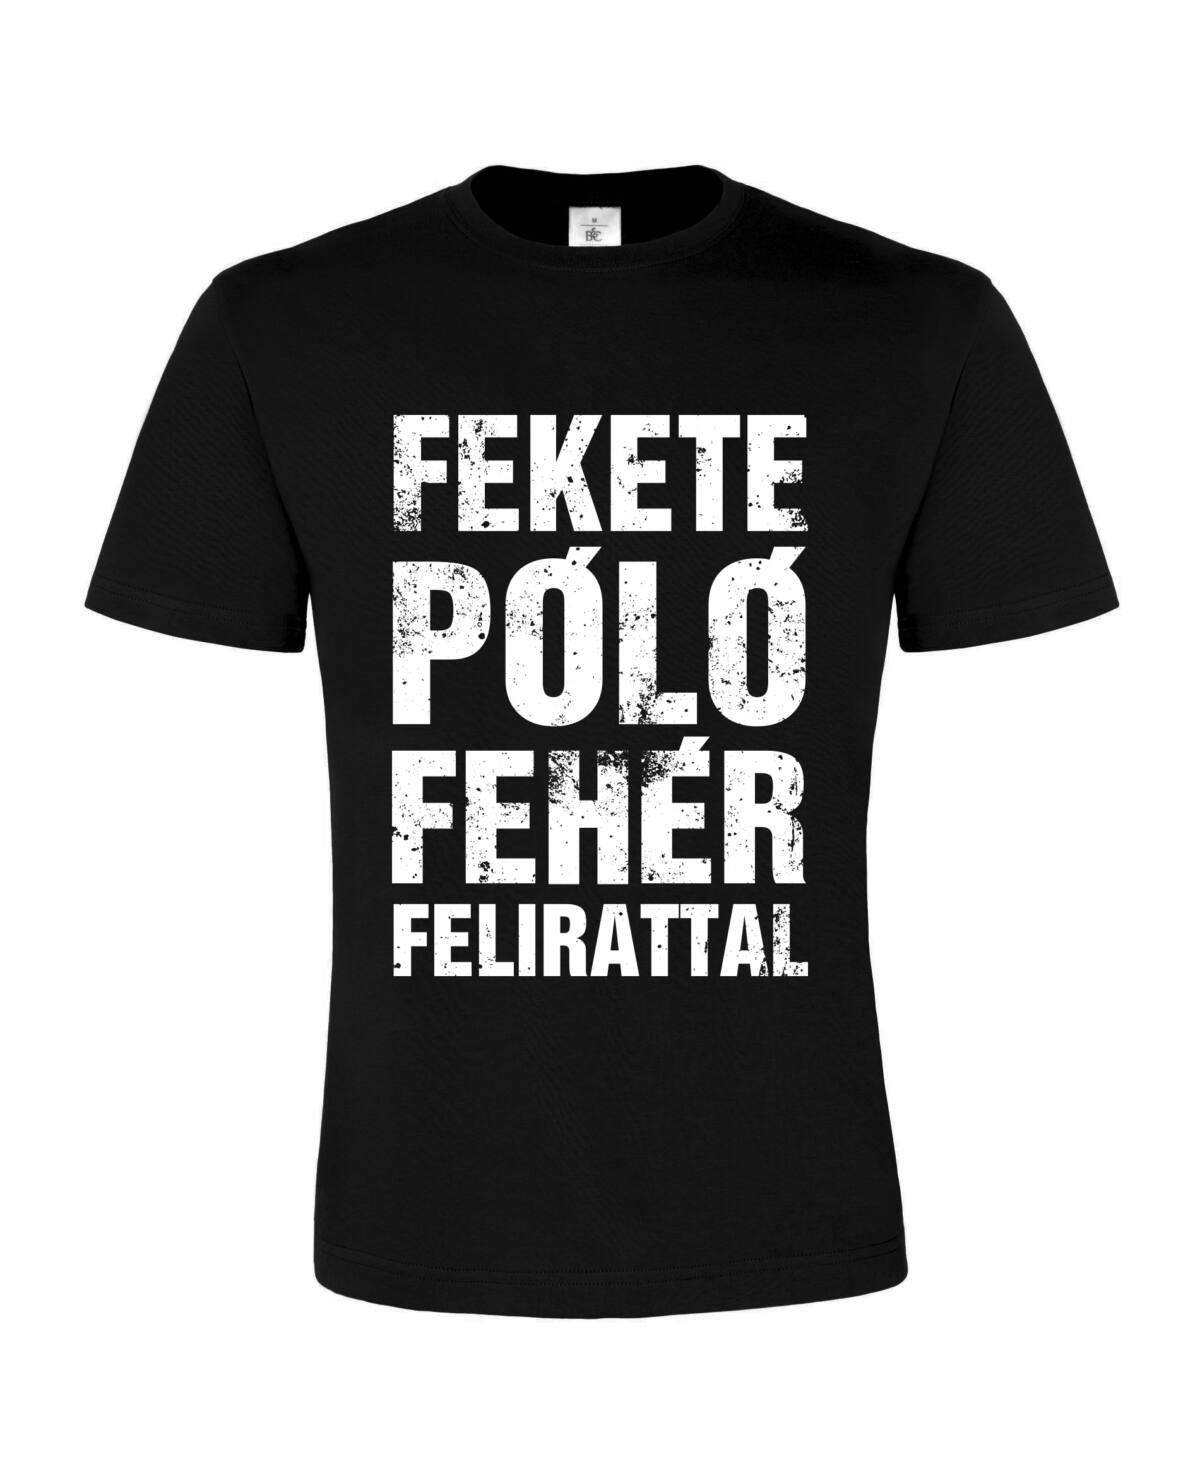 Fekete póló fehér felirattal férfi - Póló - Penta Shop 80f4413de6